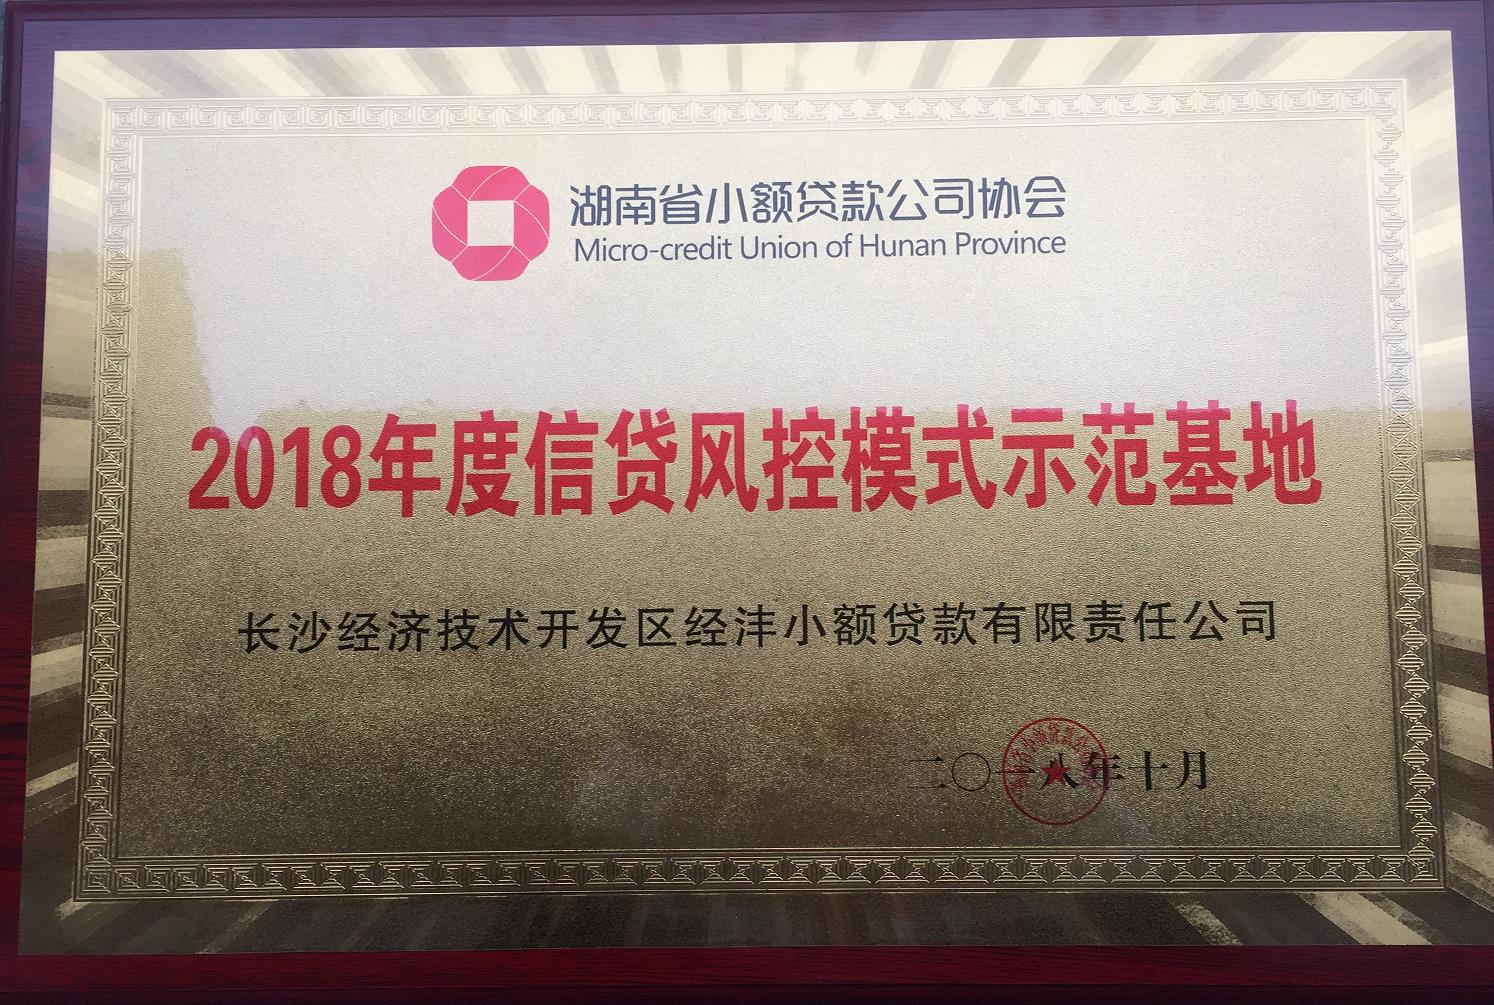 經灃小貸公司——全省2018年度信貸風控模式示范基地